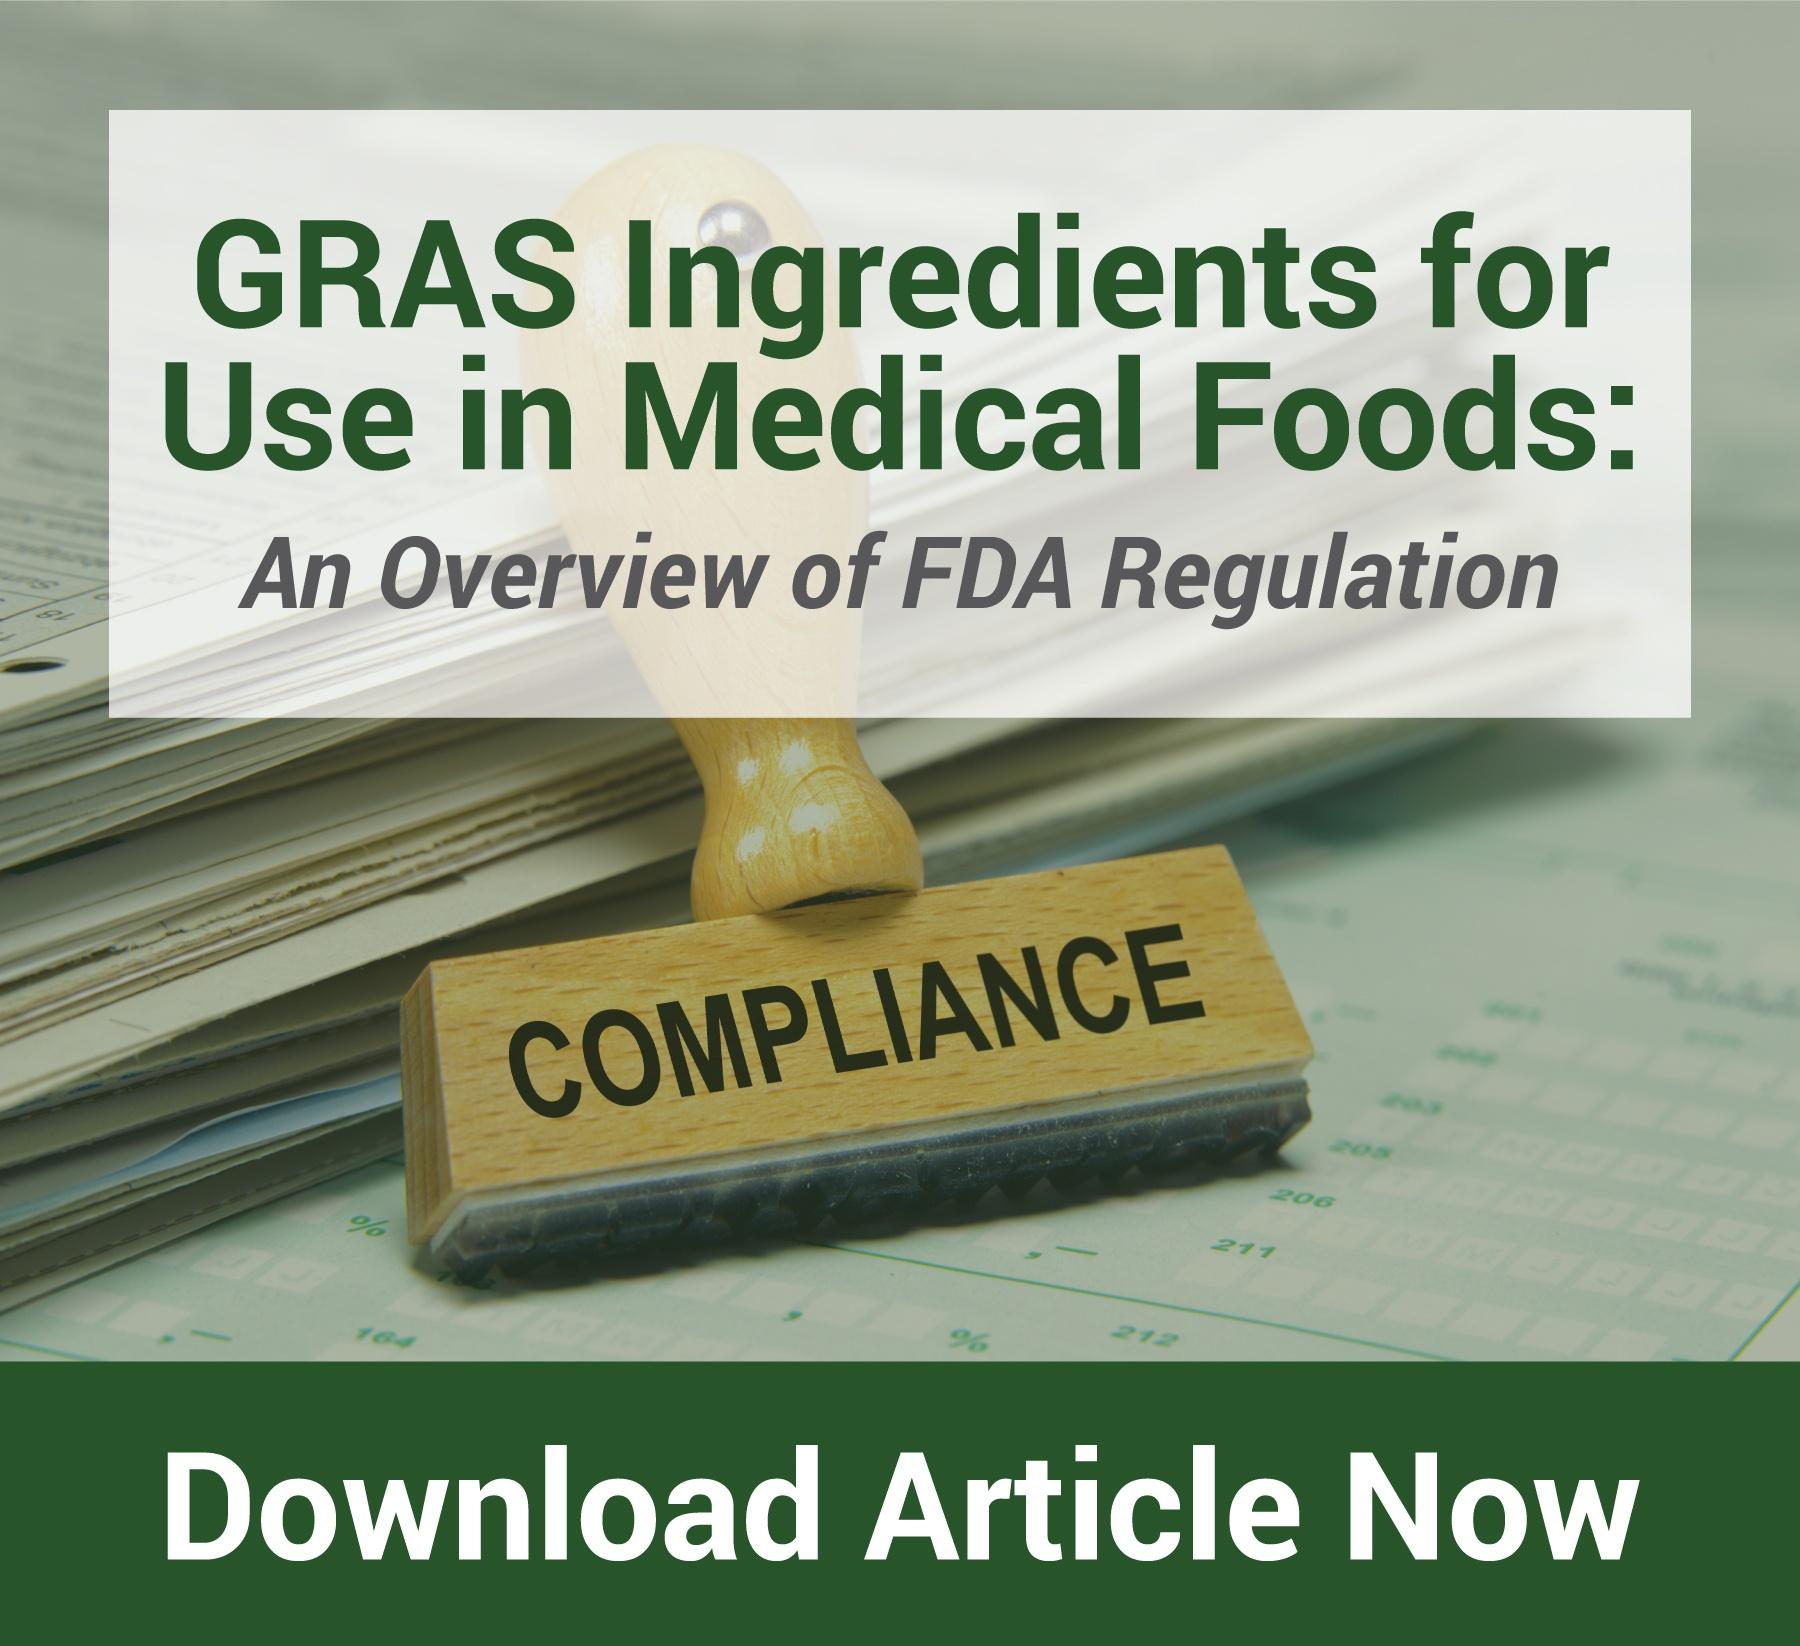 Medical-foods-article-CTA-2016-GRAS.jpg